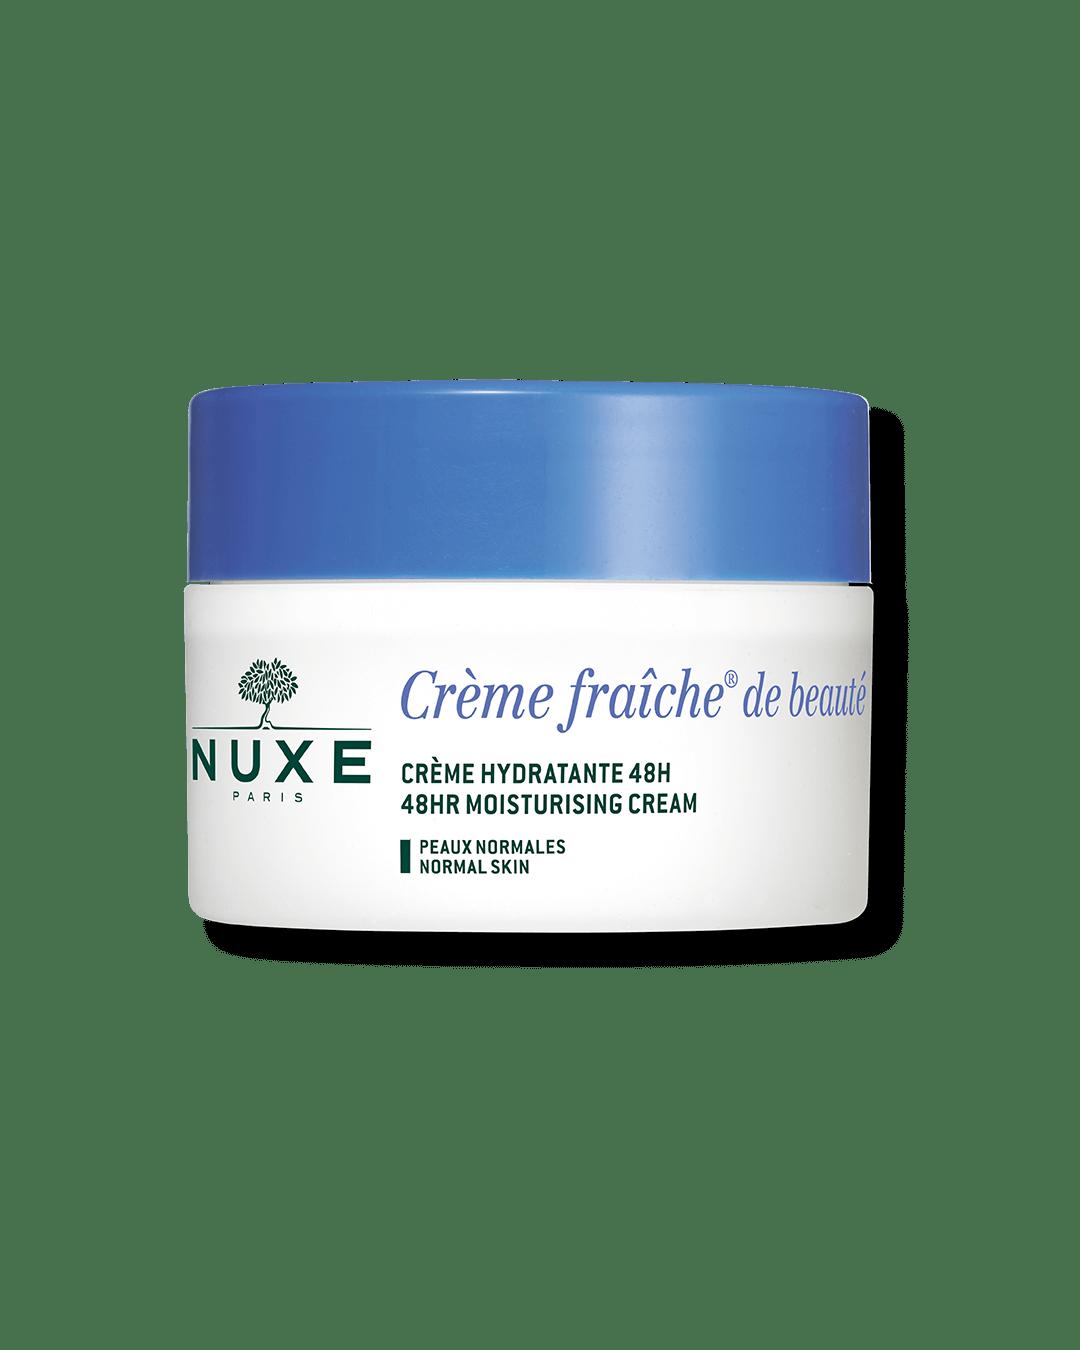 Crème fraîche® de beauté hydratační krém pro normální pleť